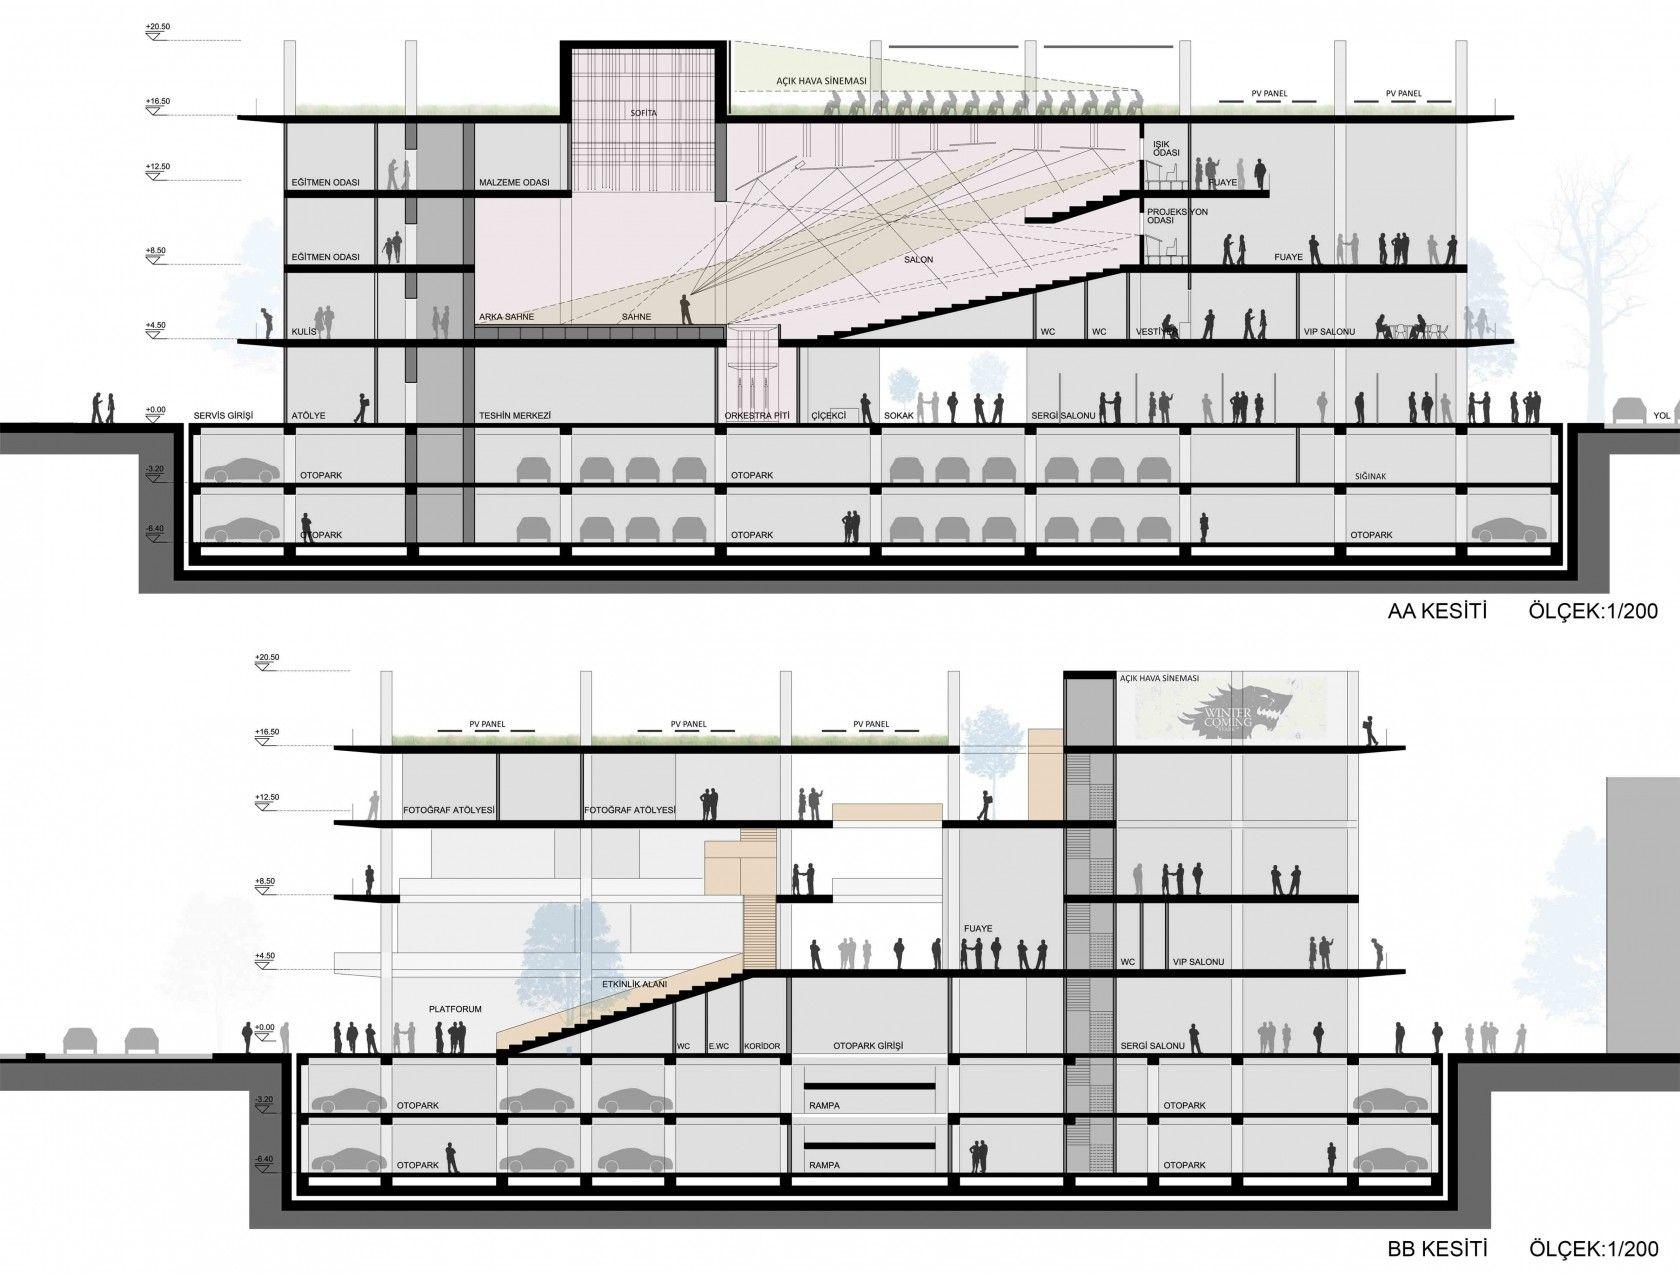 kolokyum.com - Galeri: 3. Mansiyon - Şehitkamil Belediyesi Sanat Merkezi Ulusal Mimari Fikir Projesi Yarışması